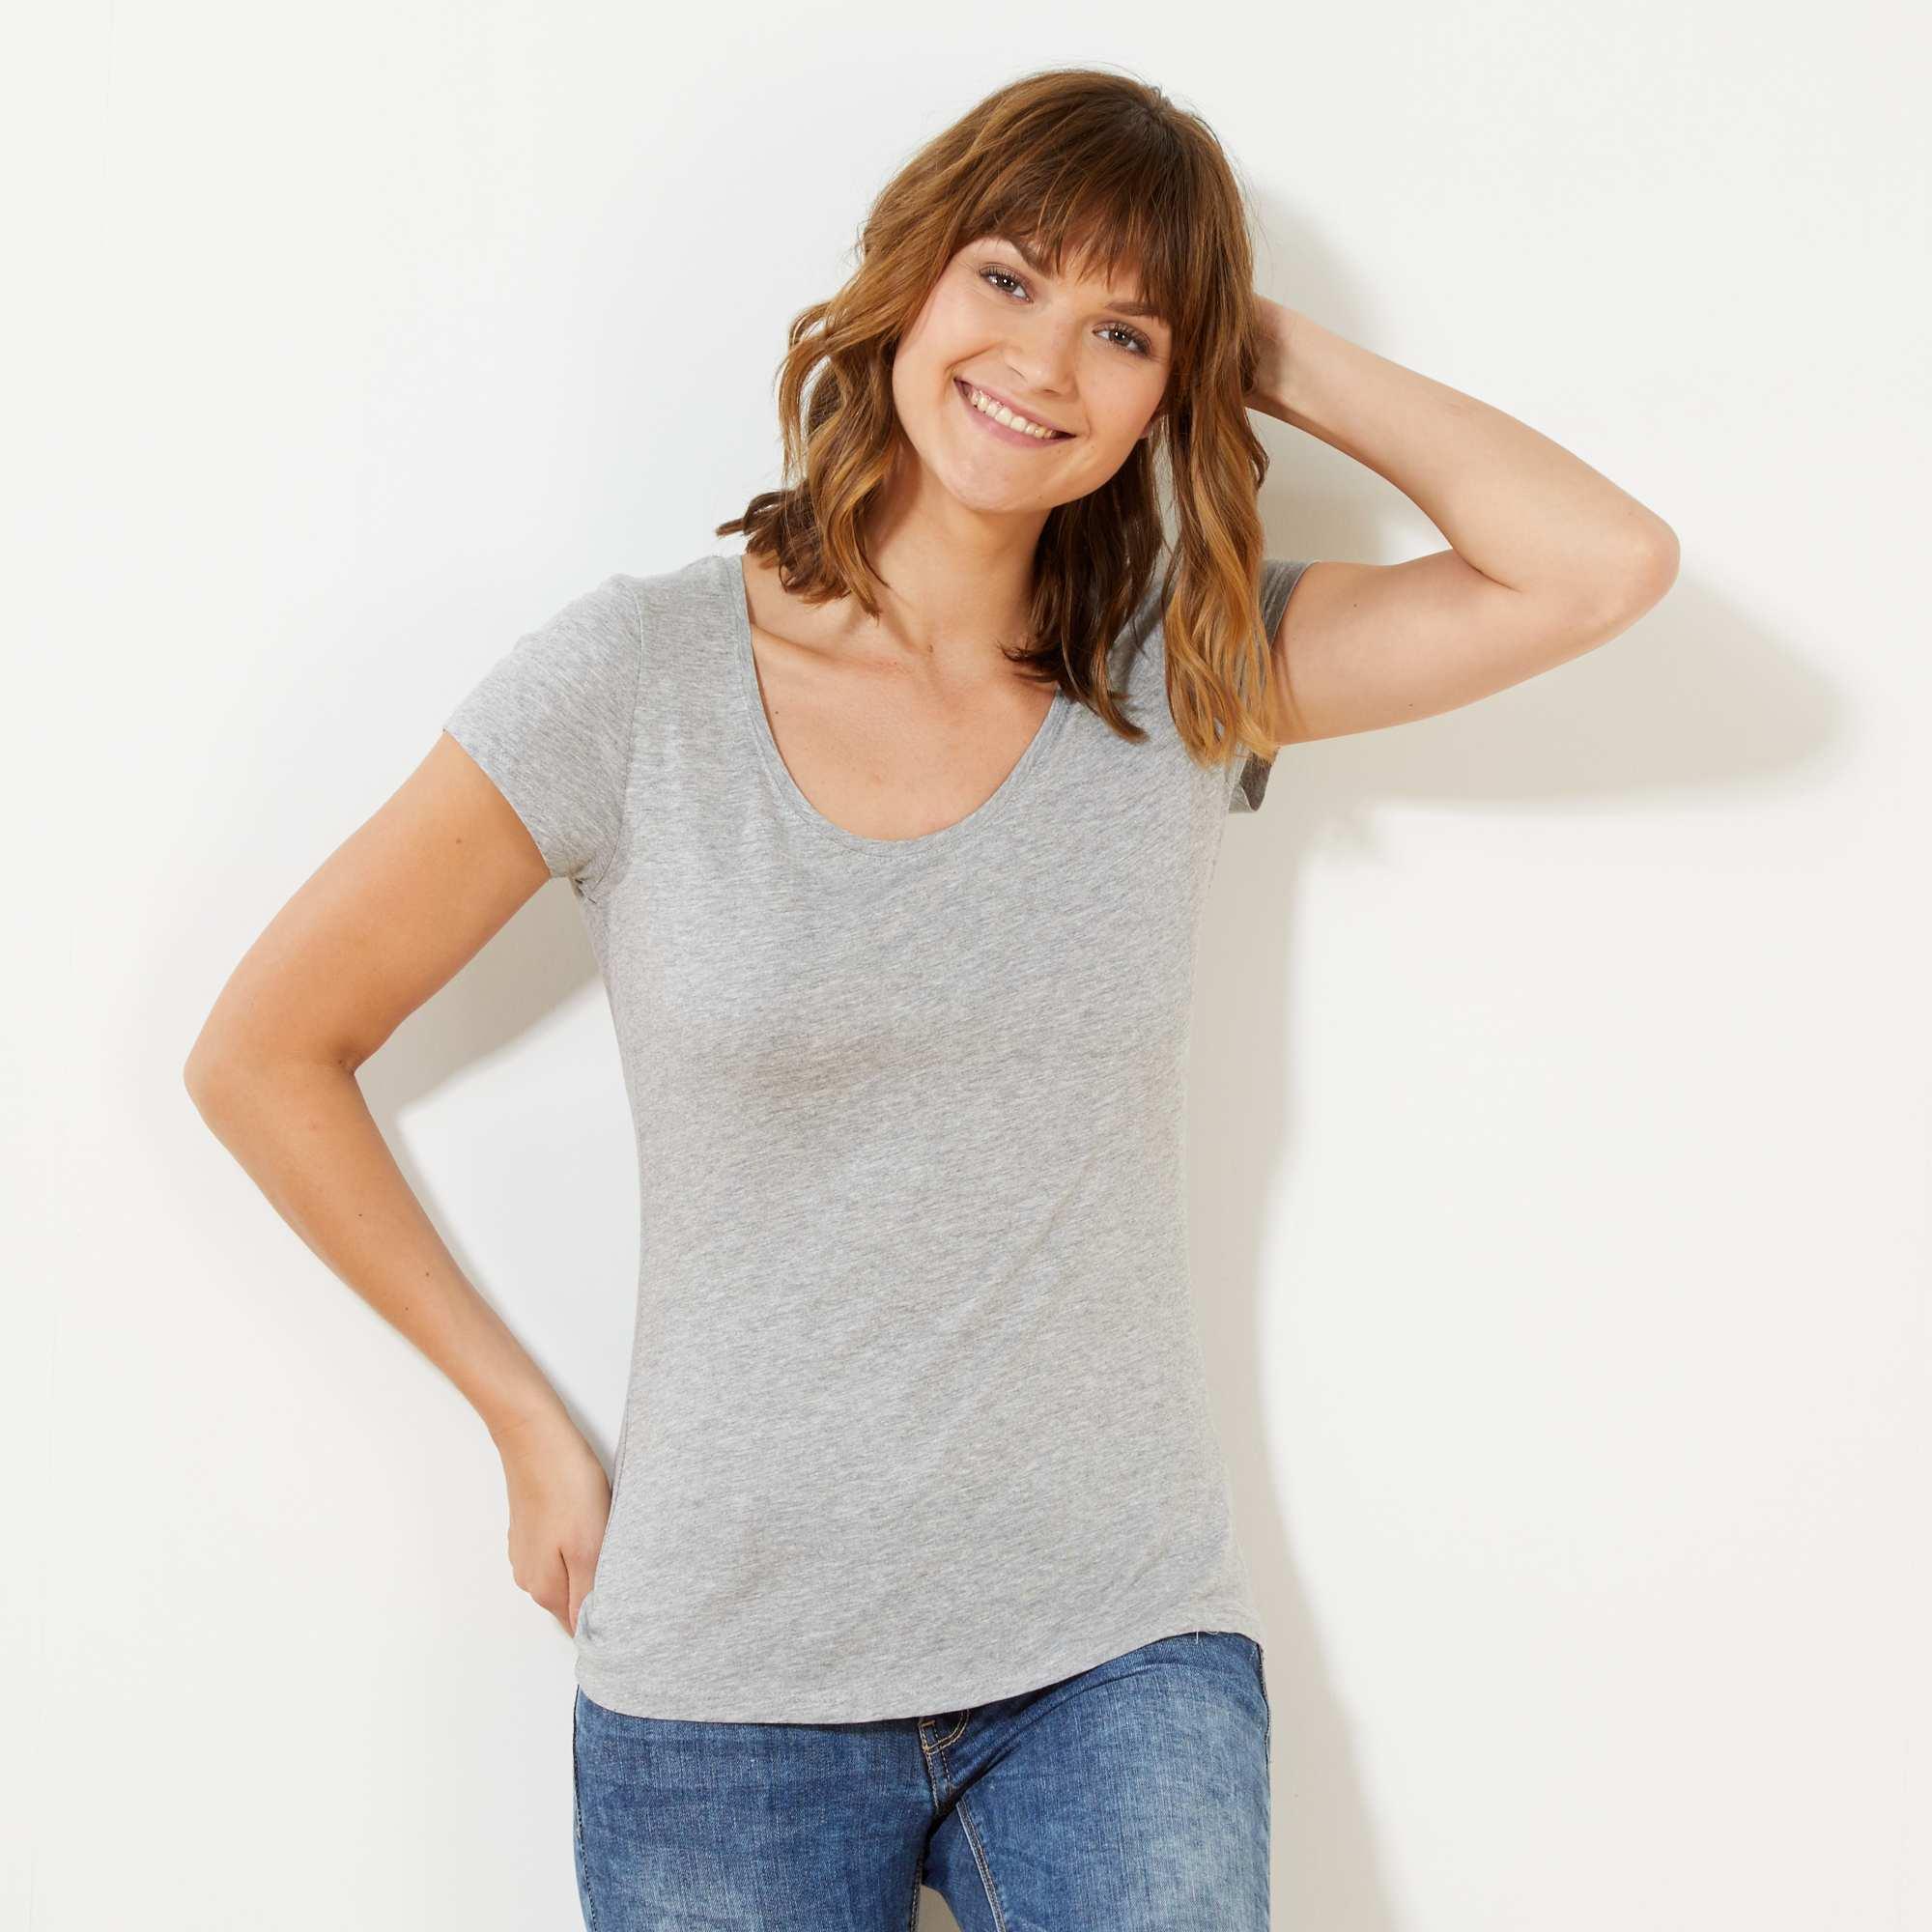 Couleur : gris chiné clair, noir, blanc,bleu marine,orange pale - Taille : XL, S, L,M,On met de la couleur dans ses tenues avec ces T-shirts à tout petit prix ! -